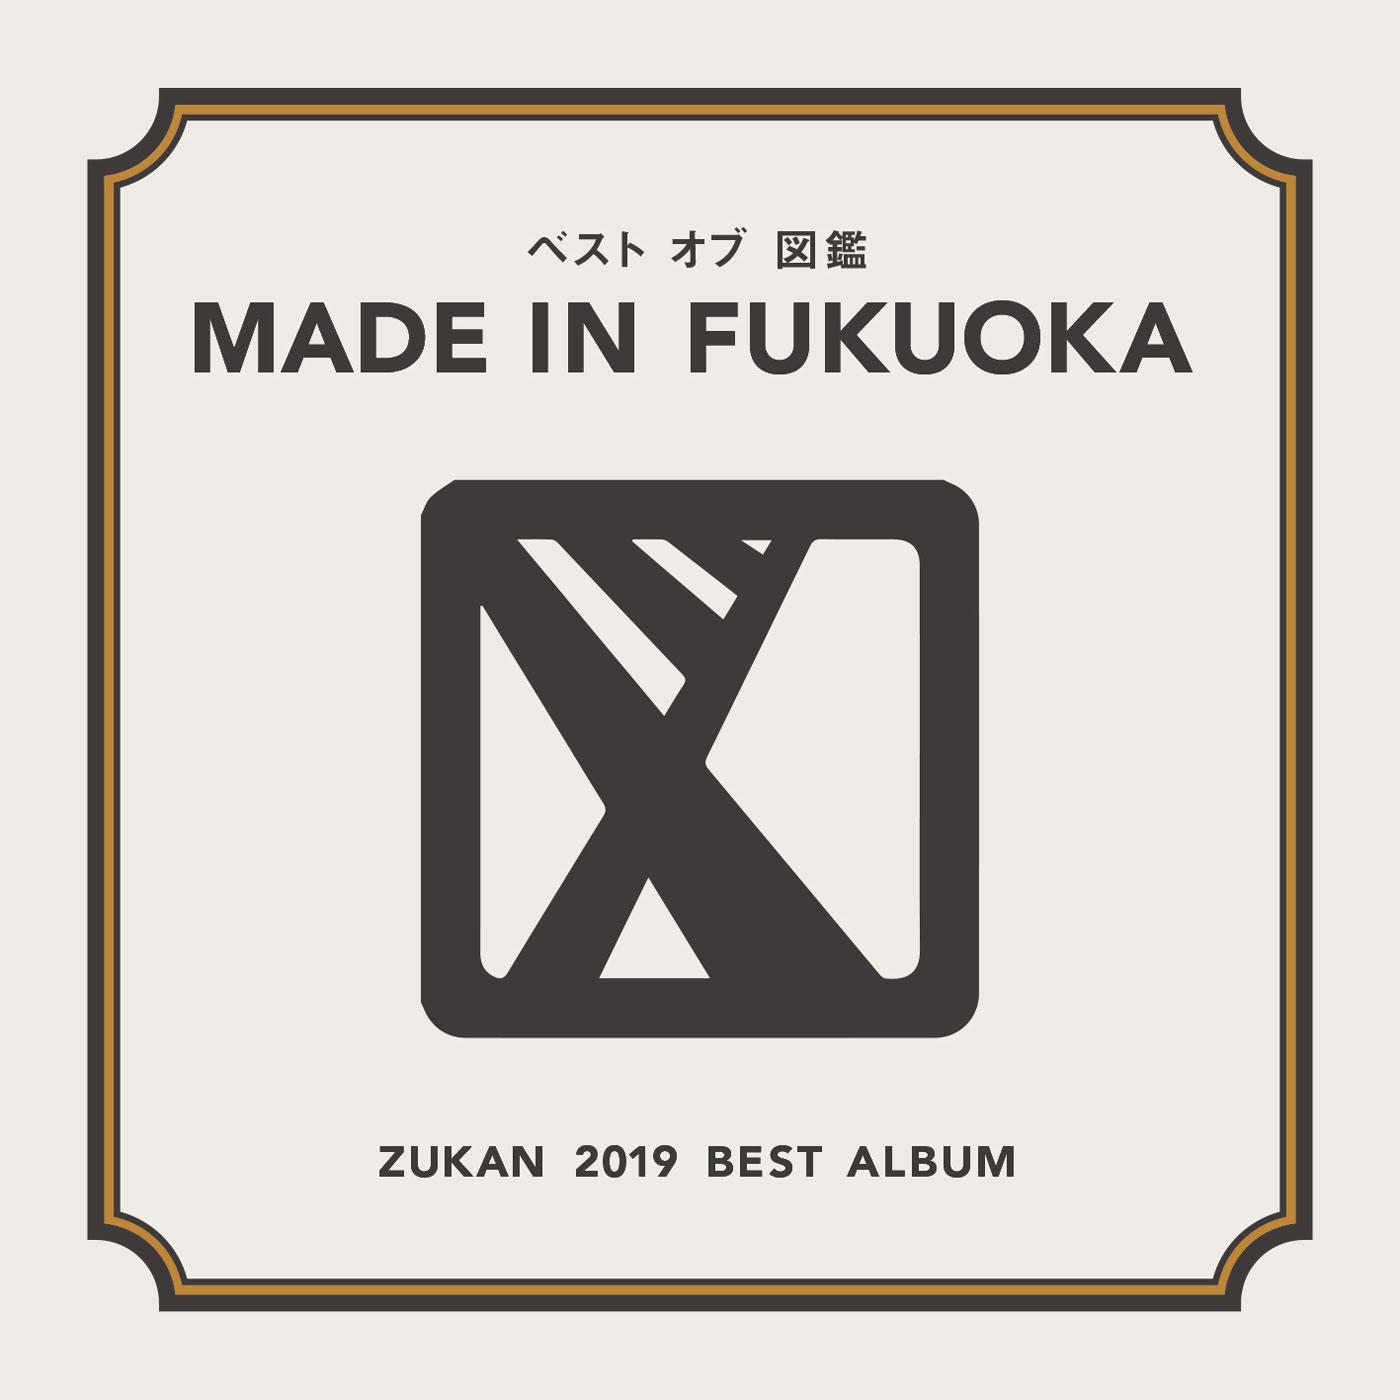 図鑑「ベスト オブ 図鑑~MADE IN FUKUOKA~」